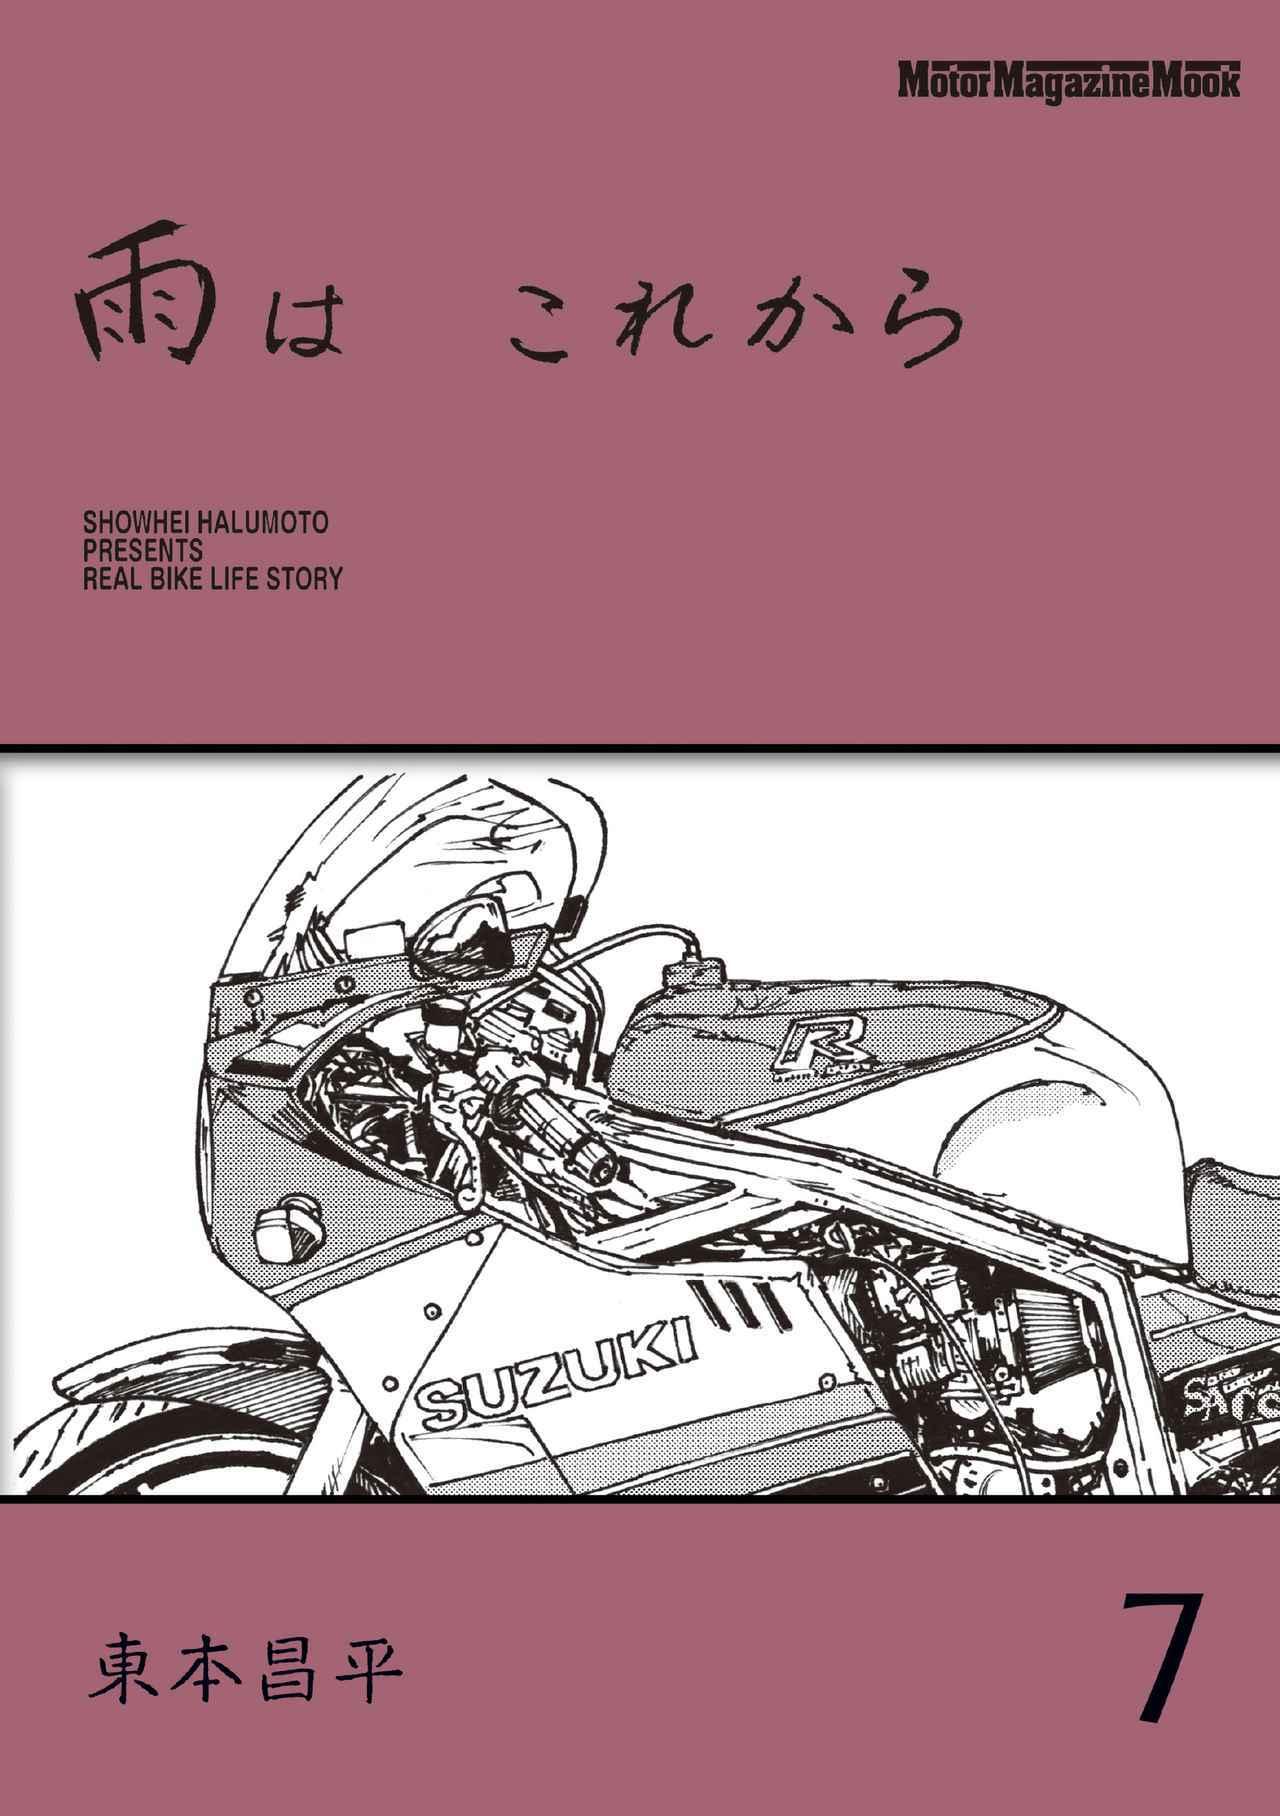 画像2: 東本昌平 作『雨は これから』最新刊発売! 『ミスター・バイク BG』で連載中の人気漫画